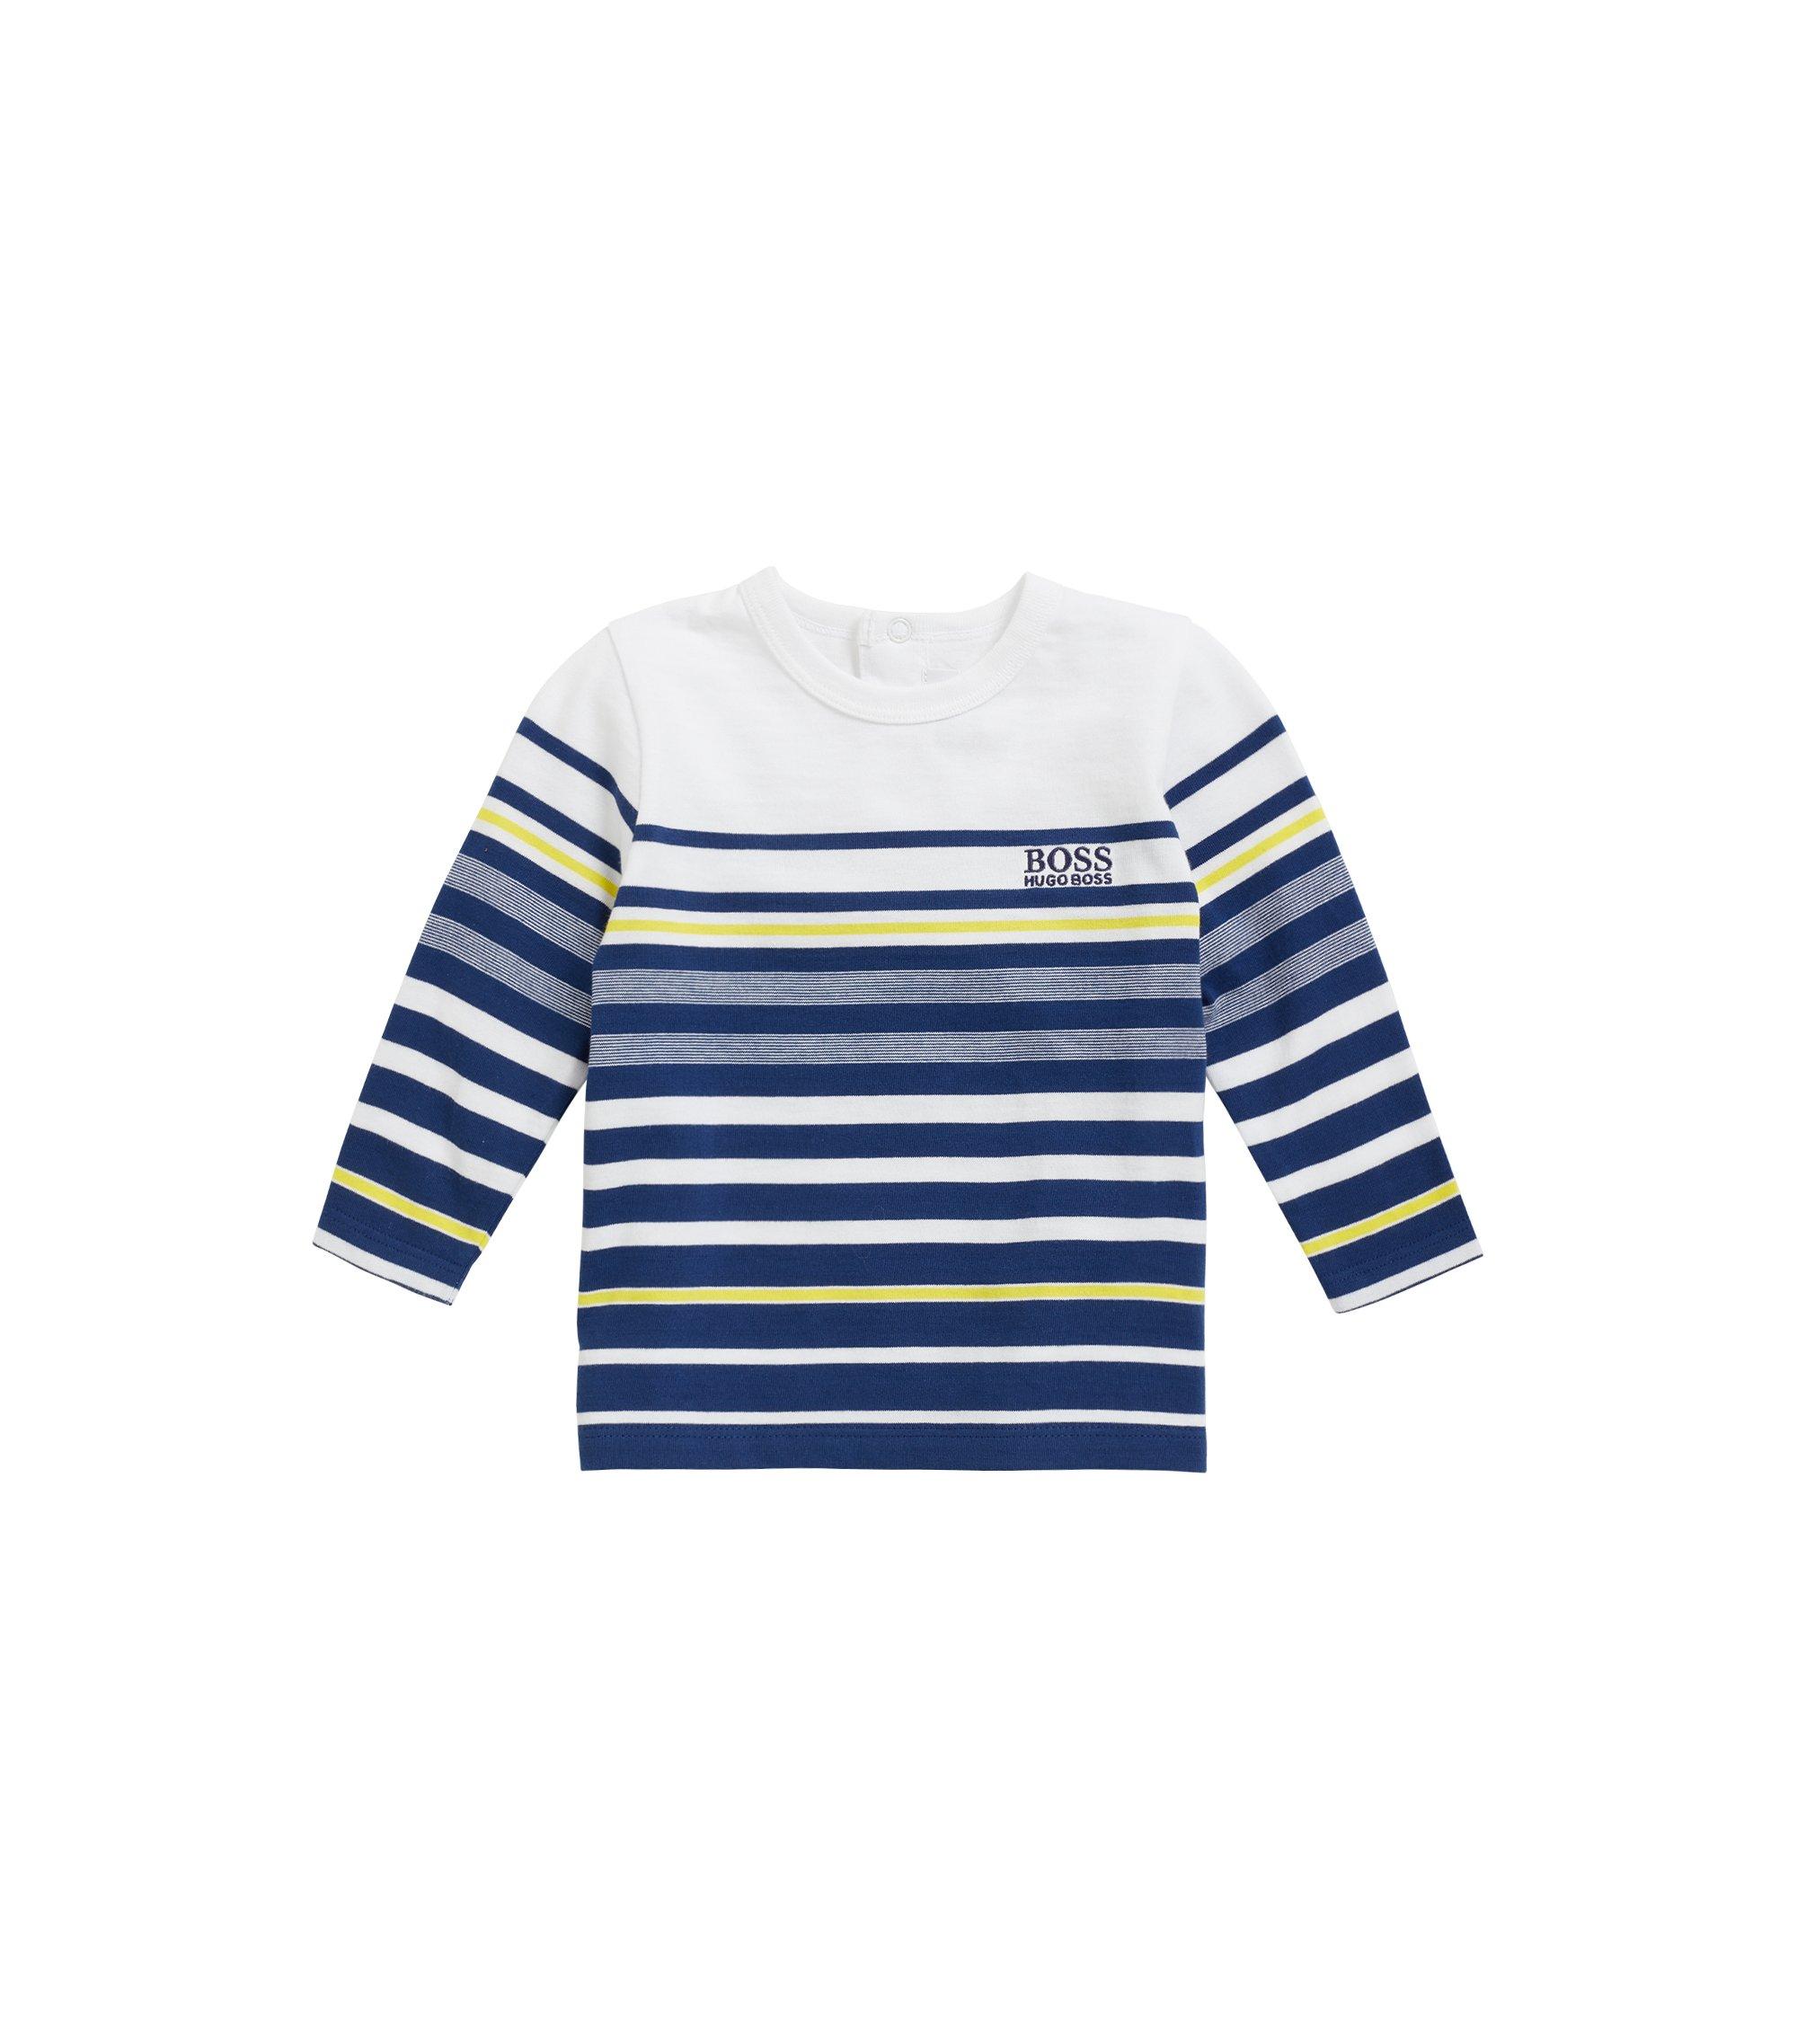 Kinder-T-shirt van katoen met lange mouwen, Donkerblauw